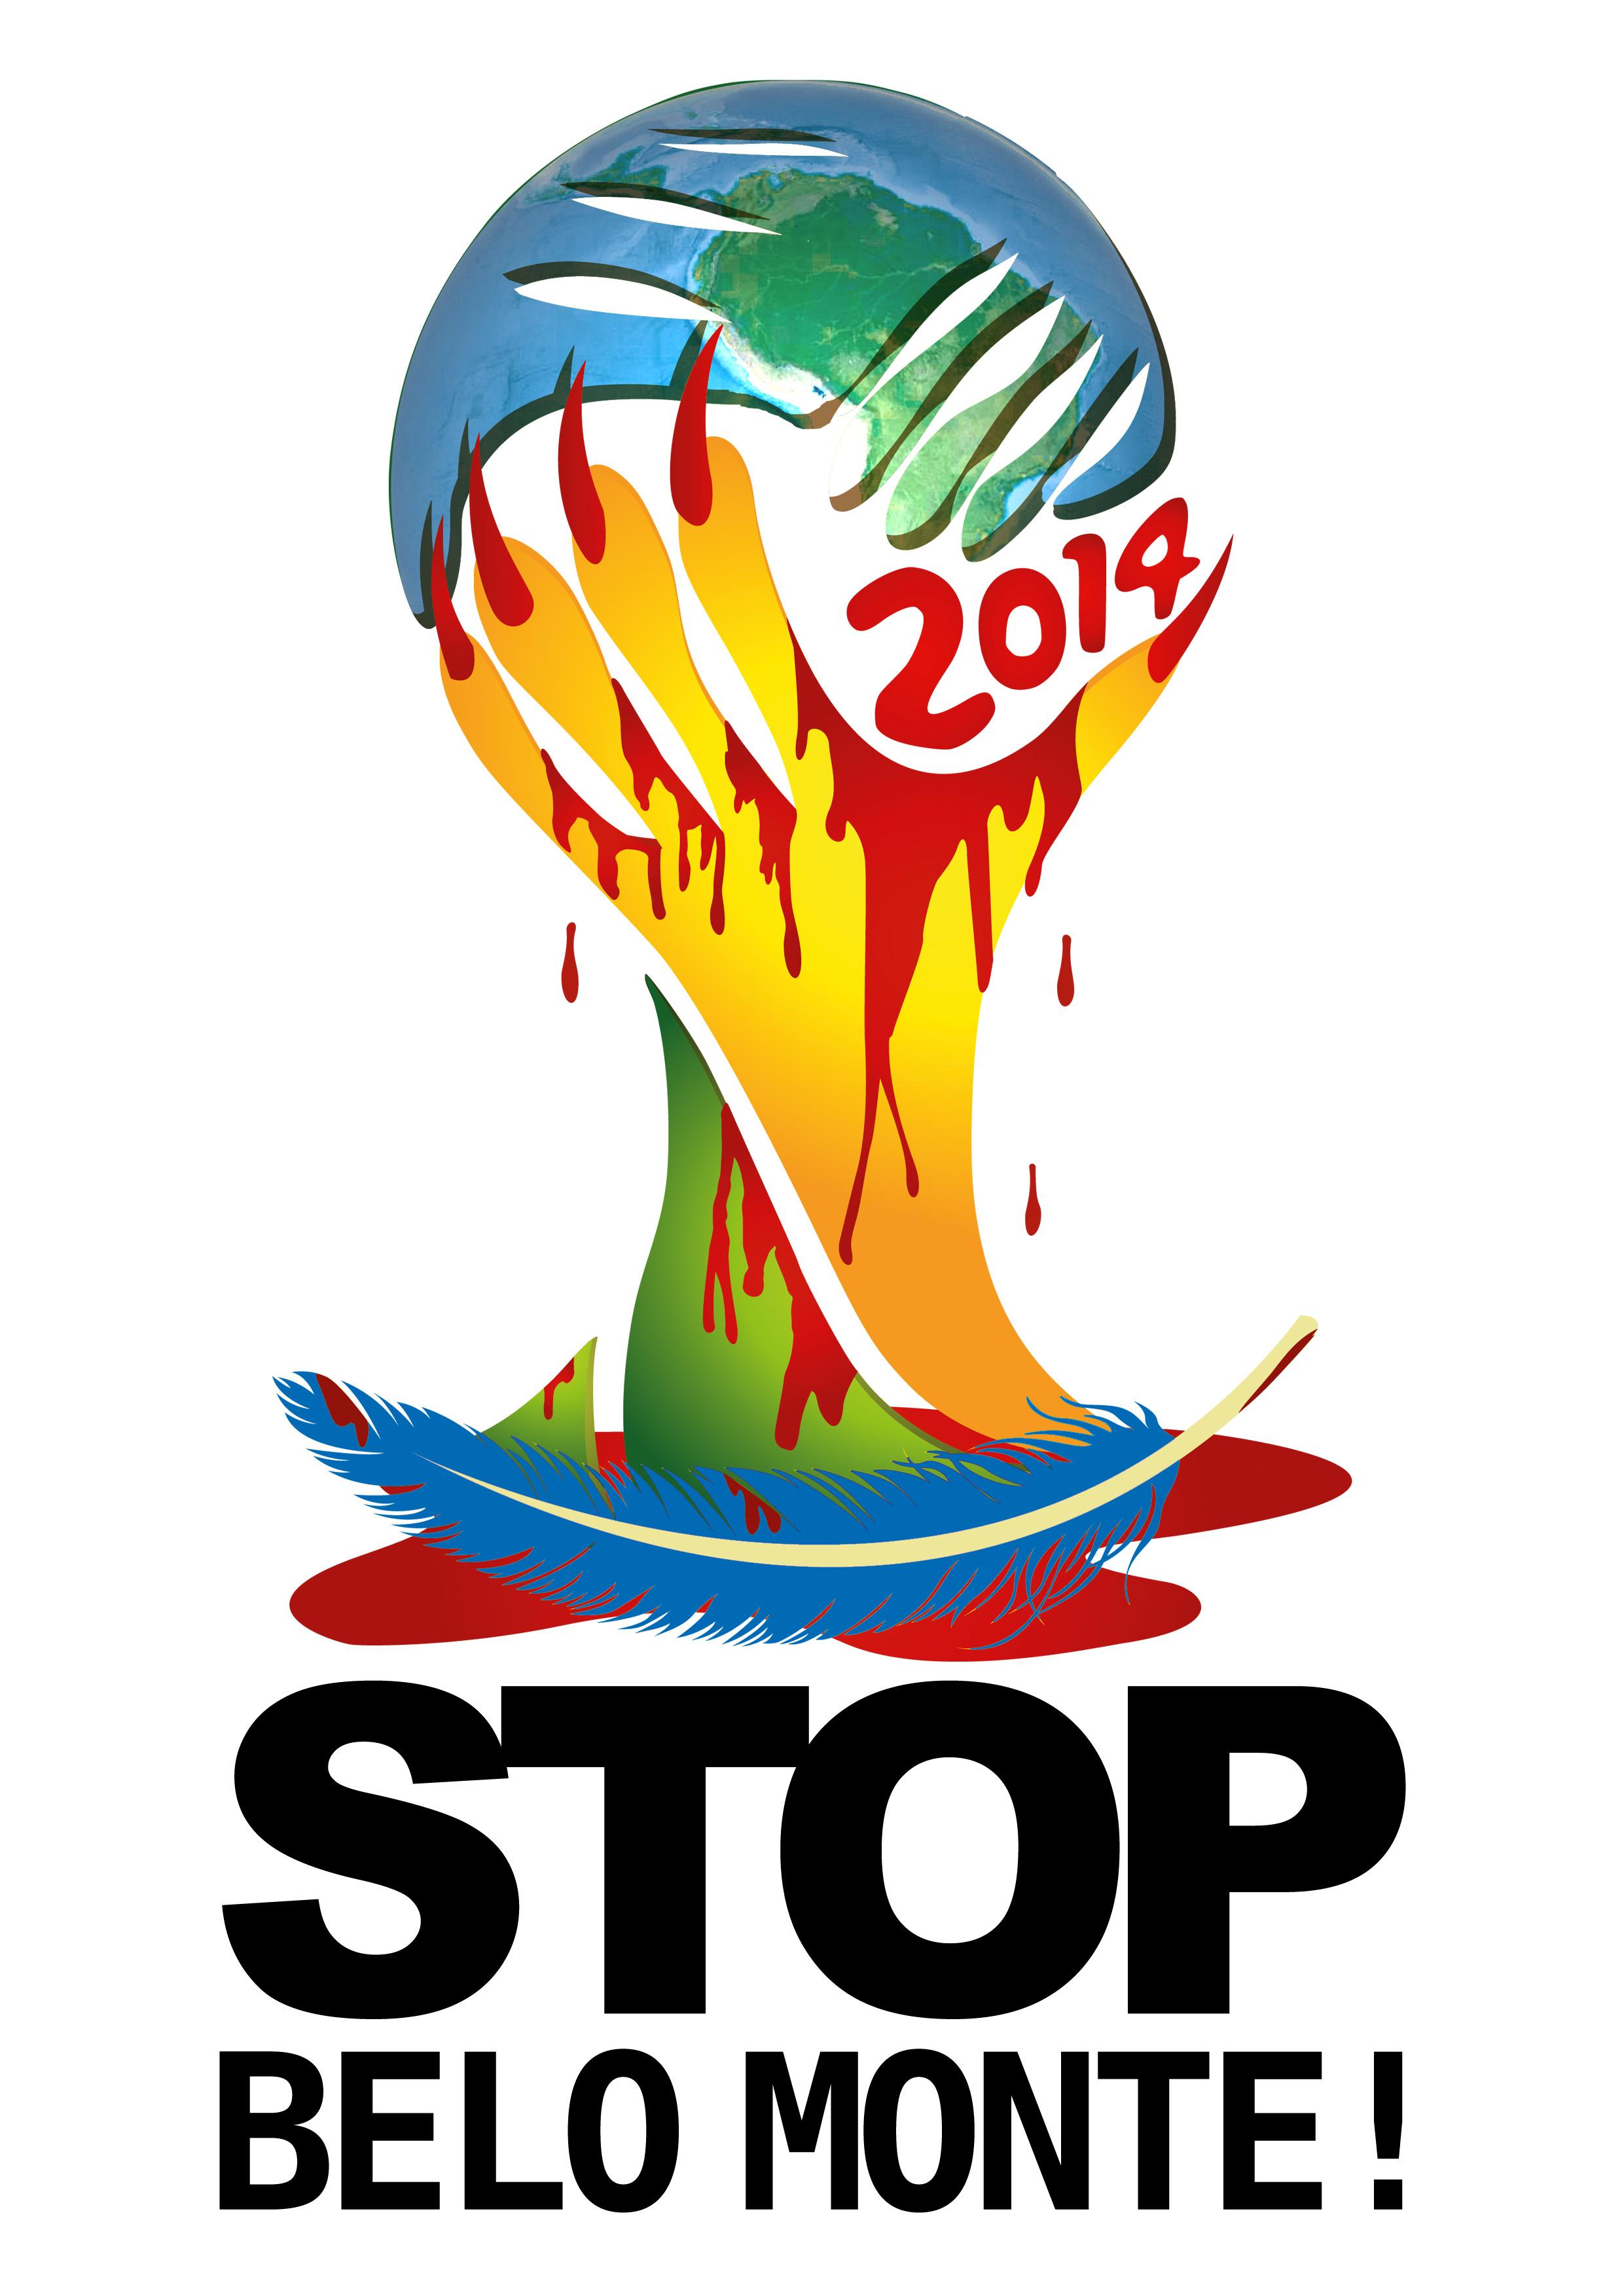 Un logo ciblant la coupe du monde 2014 d voil pendant la journ e internationale de mobilisation con - Carte coupe du monde 2014 ...